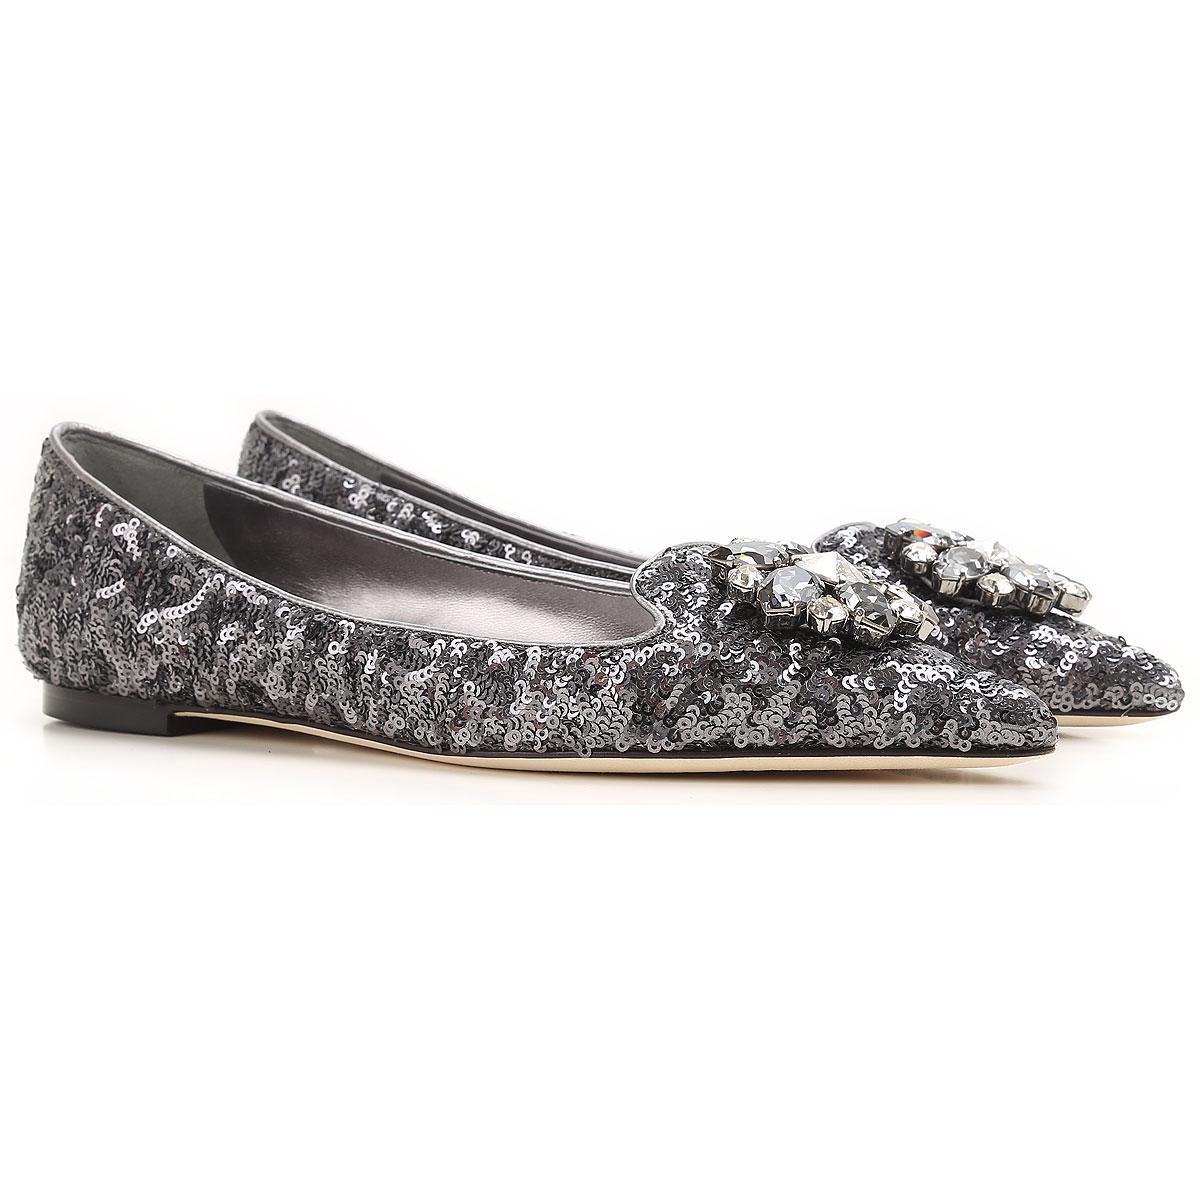 Dolce & Gabbana Chaussure Ballerine Femme Pas cher en Soldes Outlet, Noir, Paillettes, 2019, 35.5 36